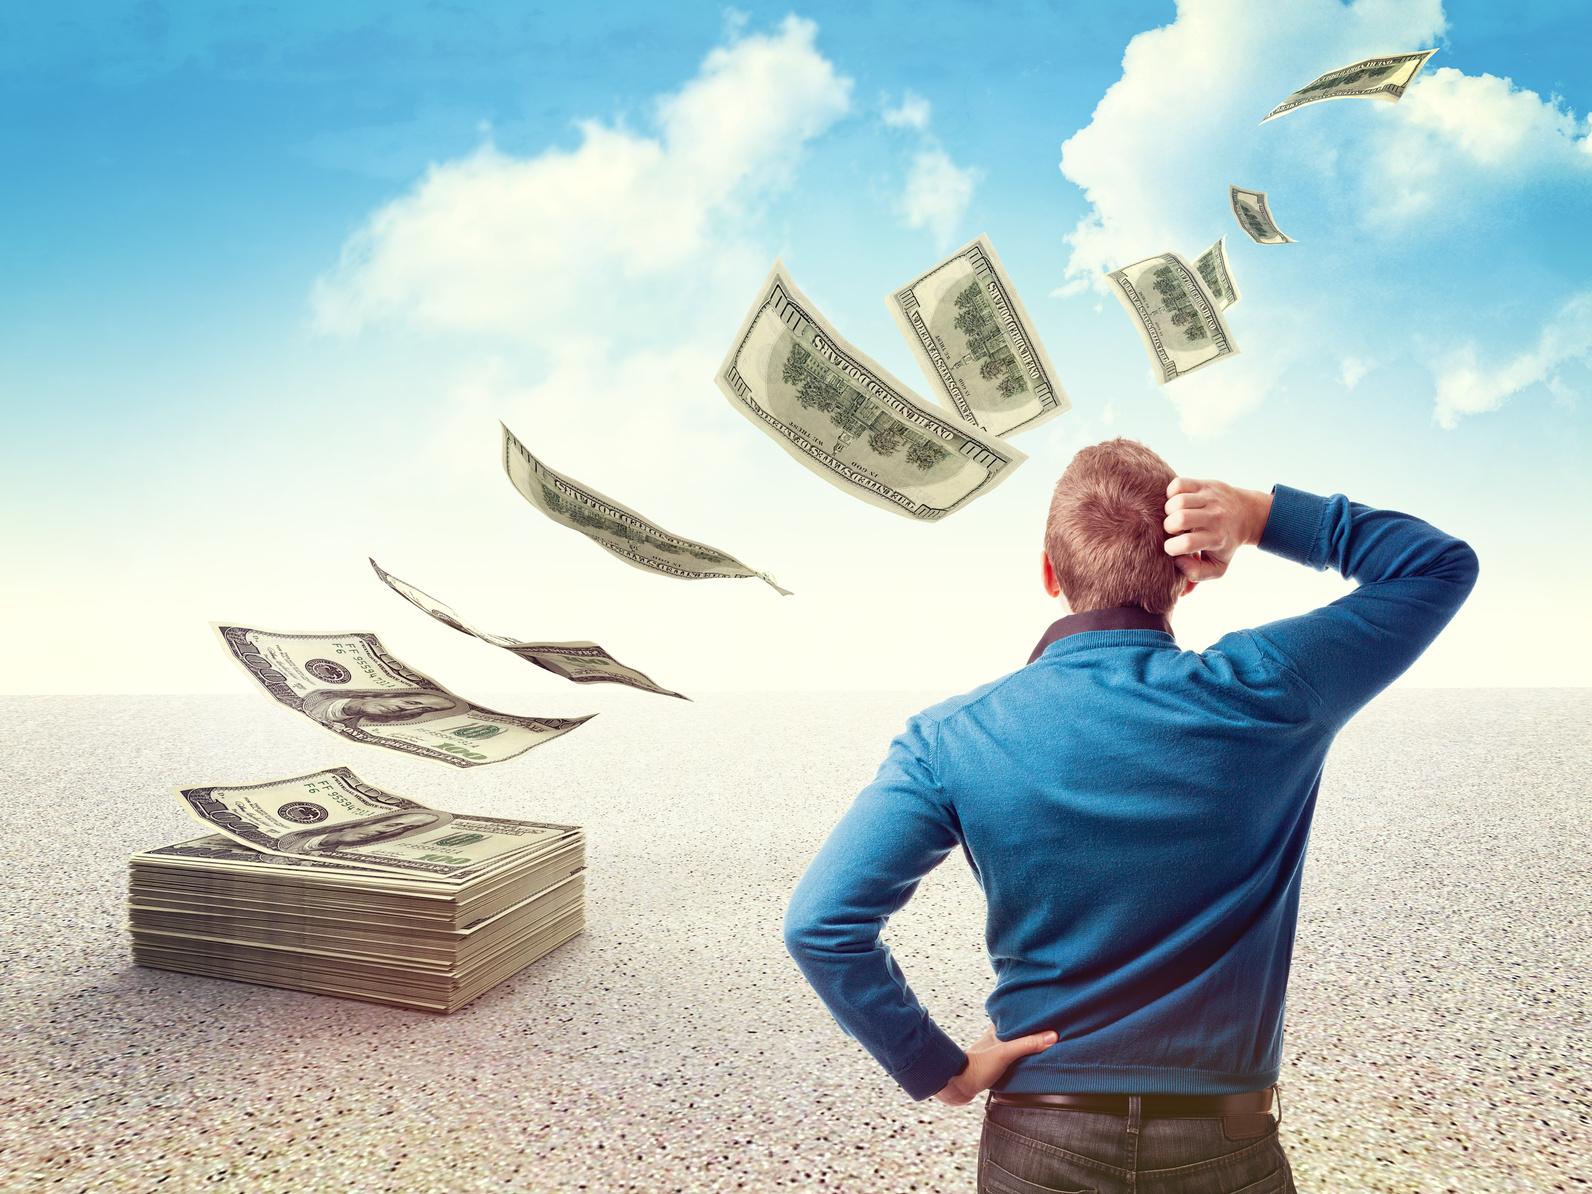 деньги срочно от фонда богатых людей в долг ростов на дону услуги поручителя по кредиту